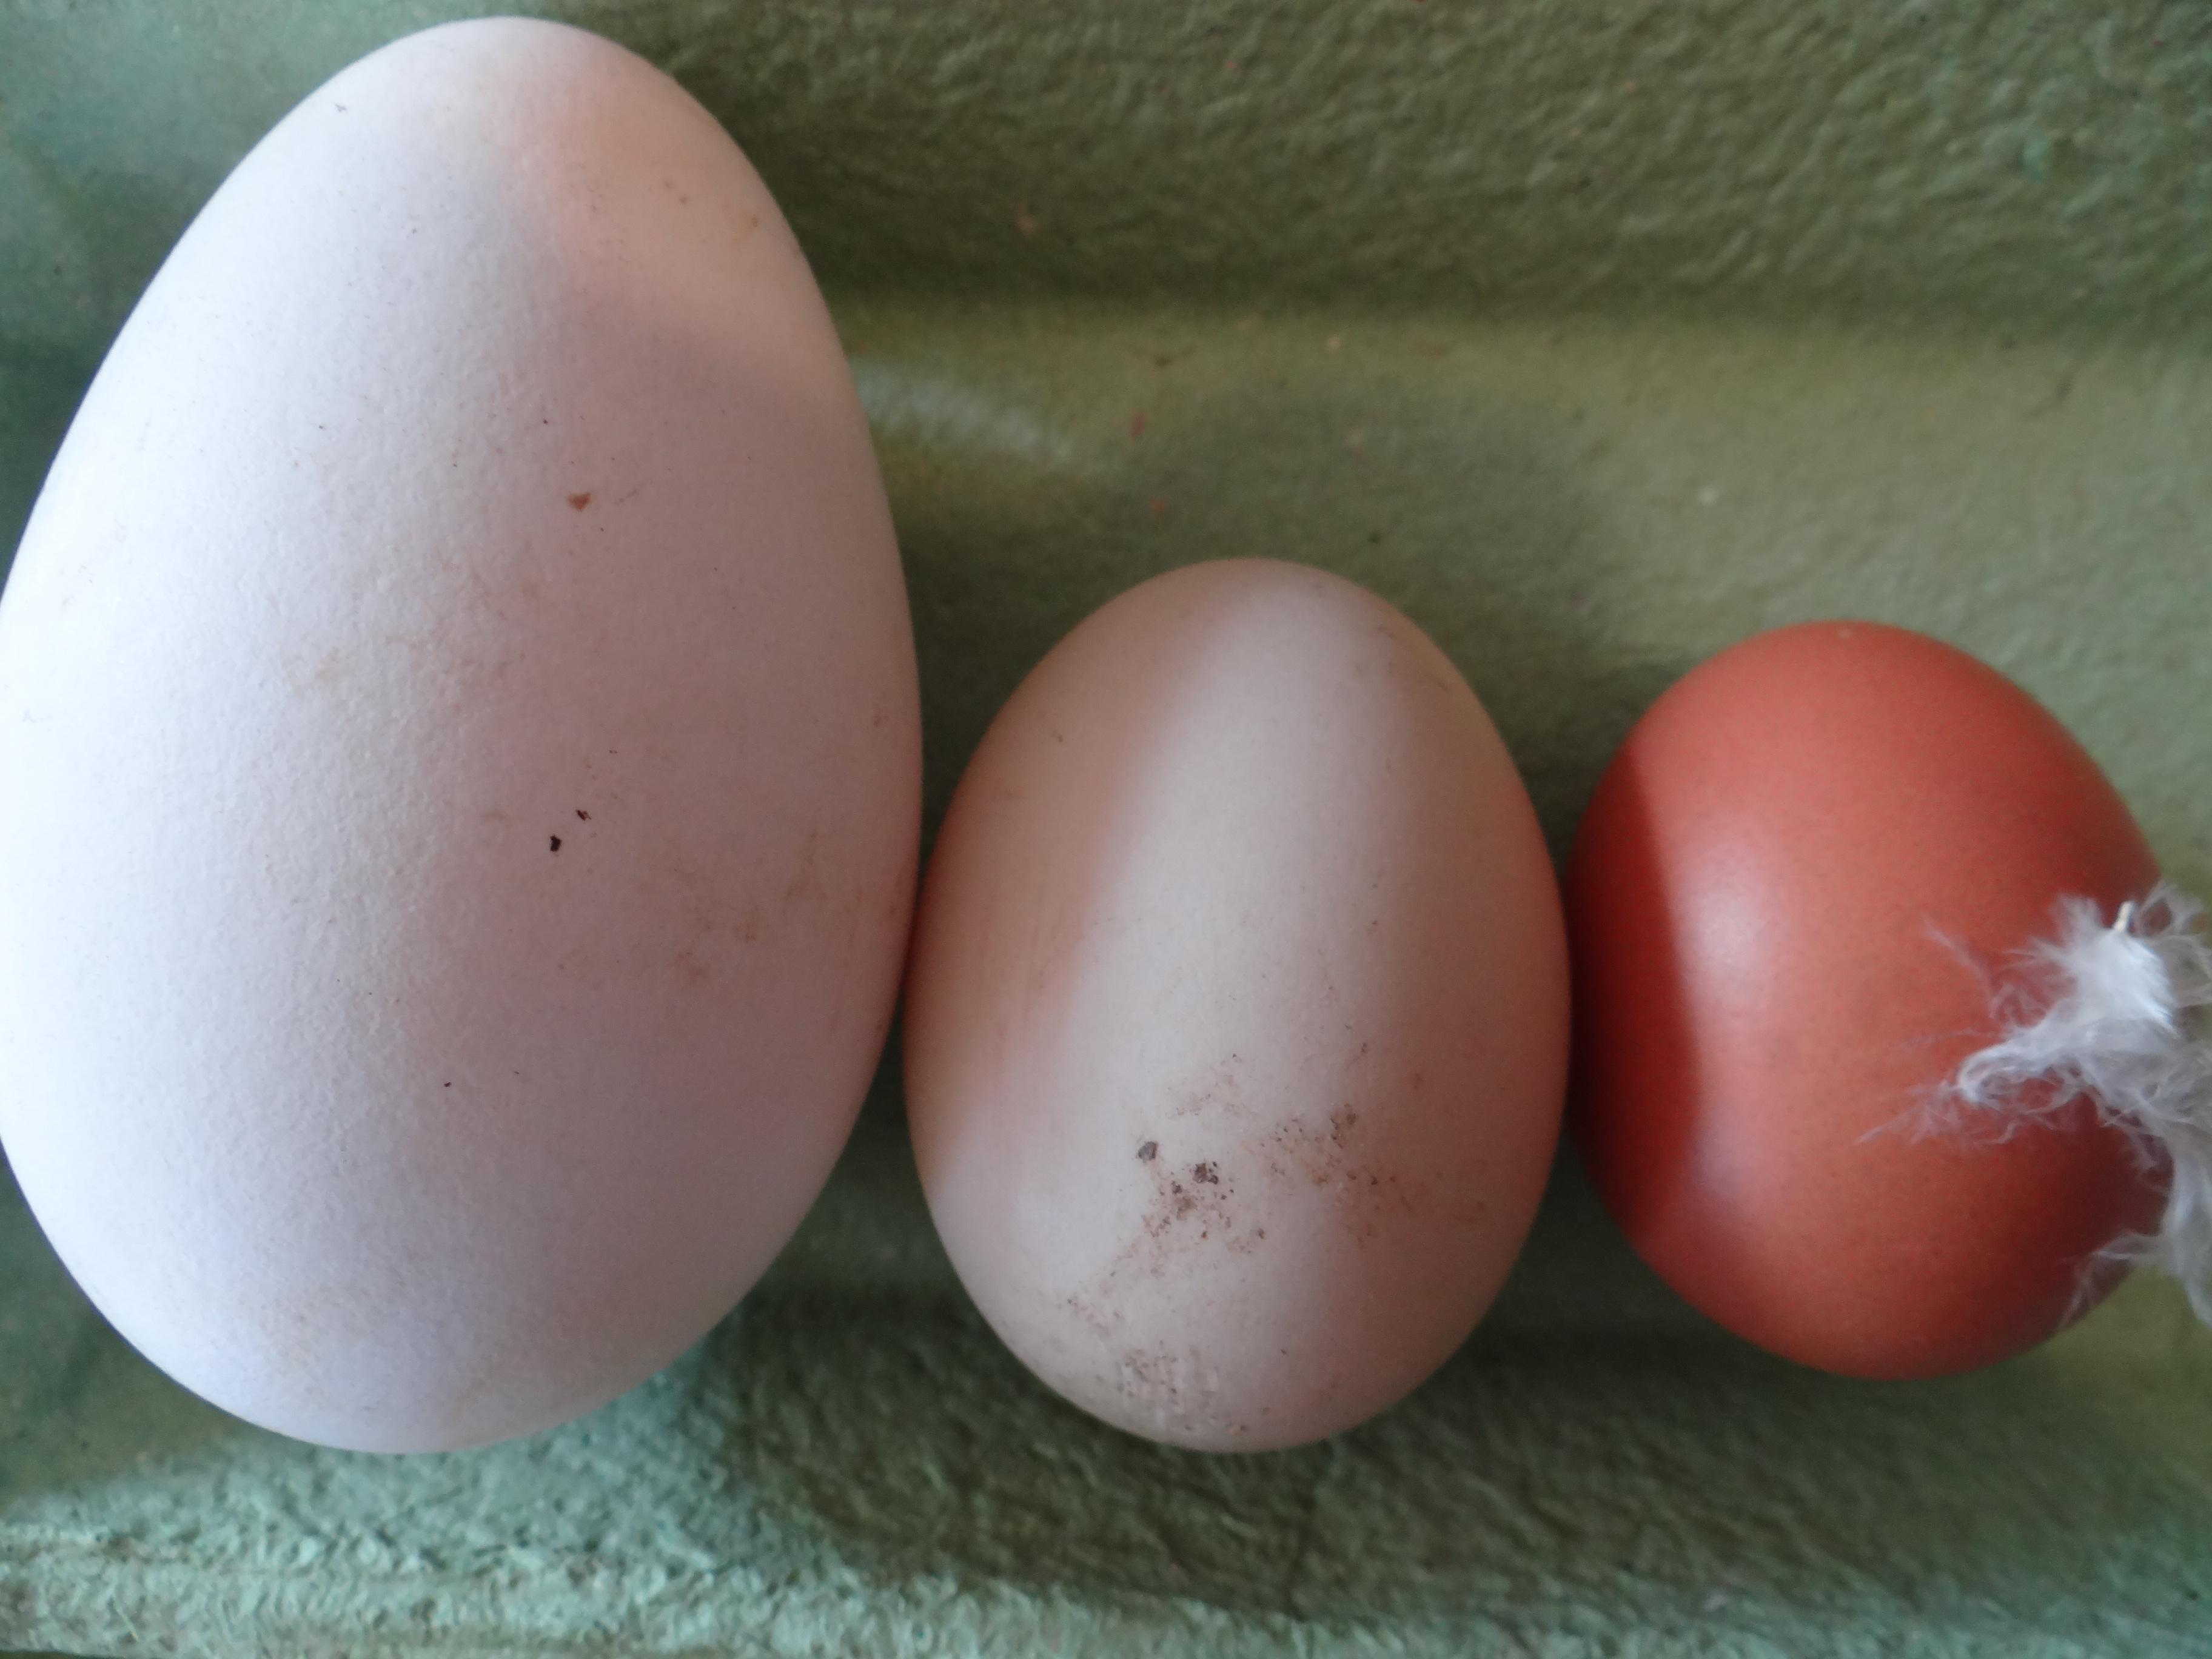 Le on de choses sur les ufs de poule de cane et d oie grandir pr s du ch taignier - Cuisiner les oeufs ...